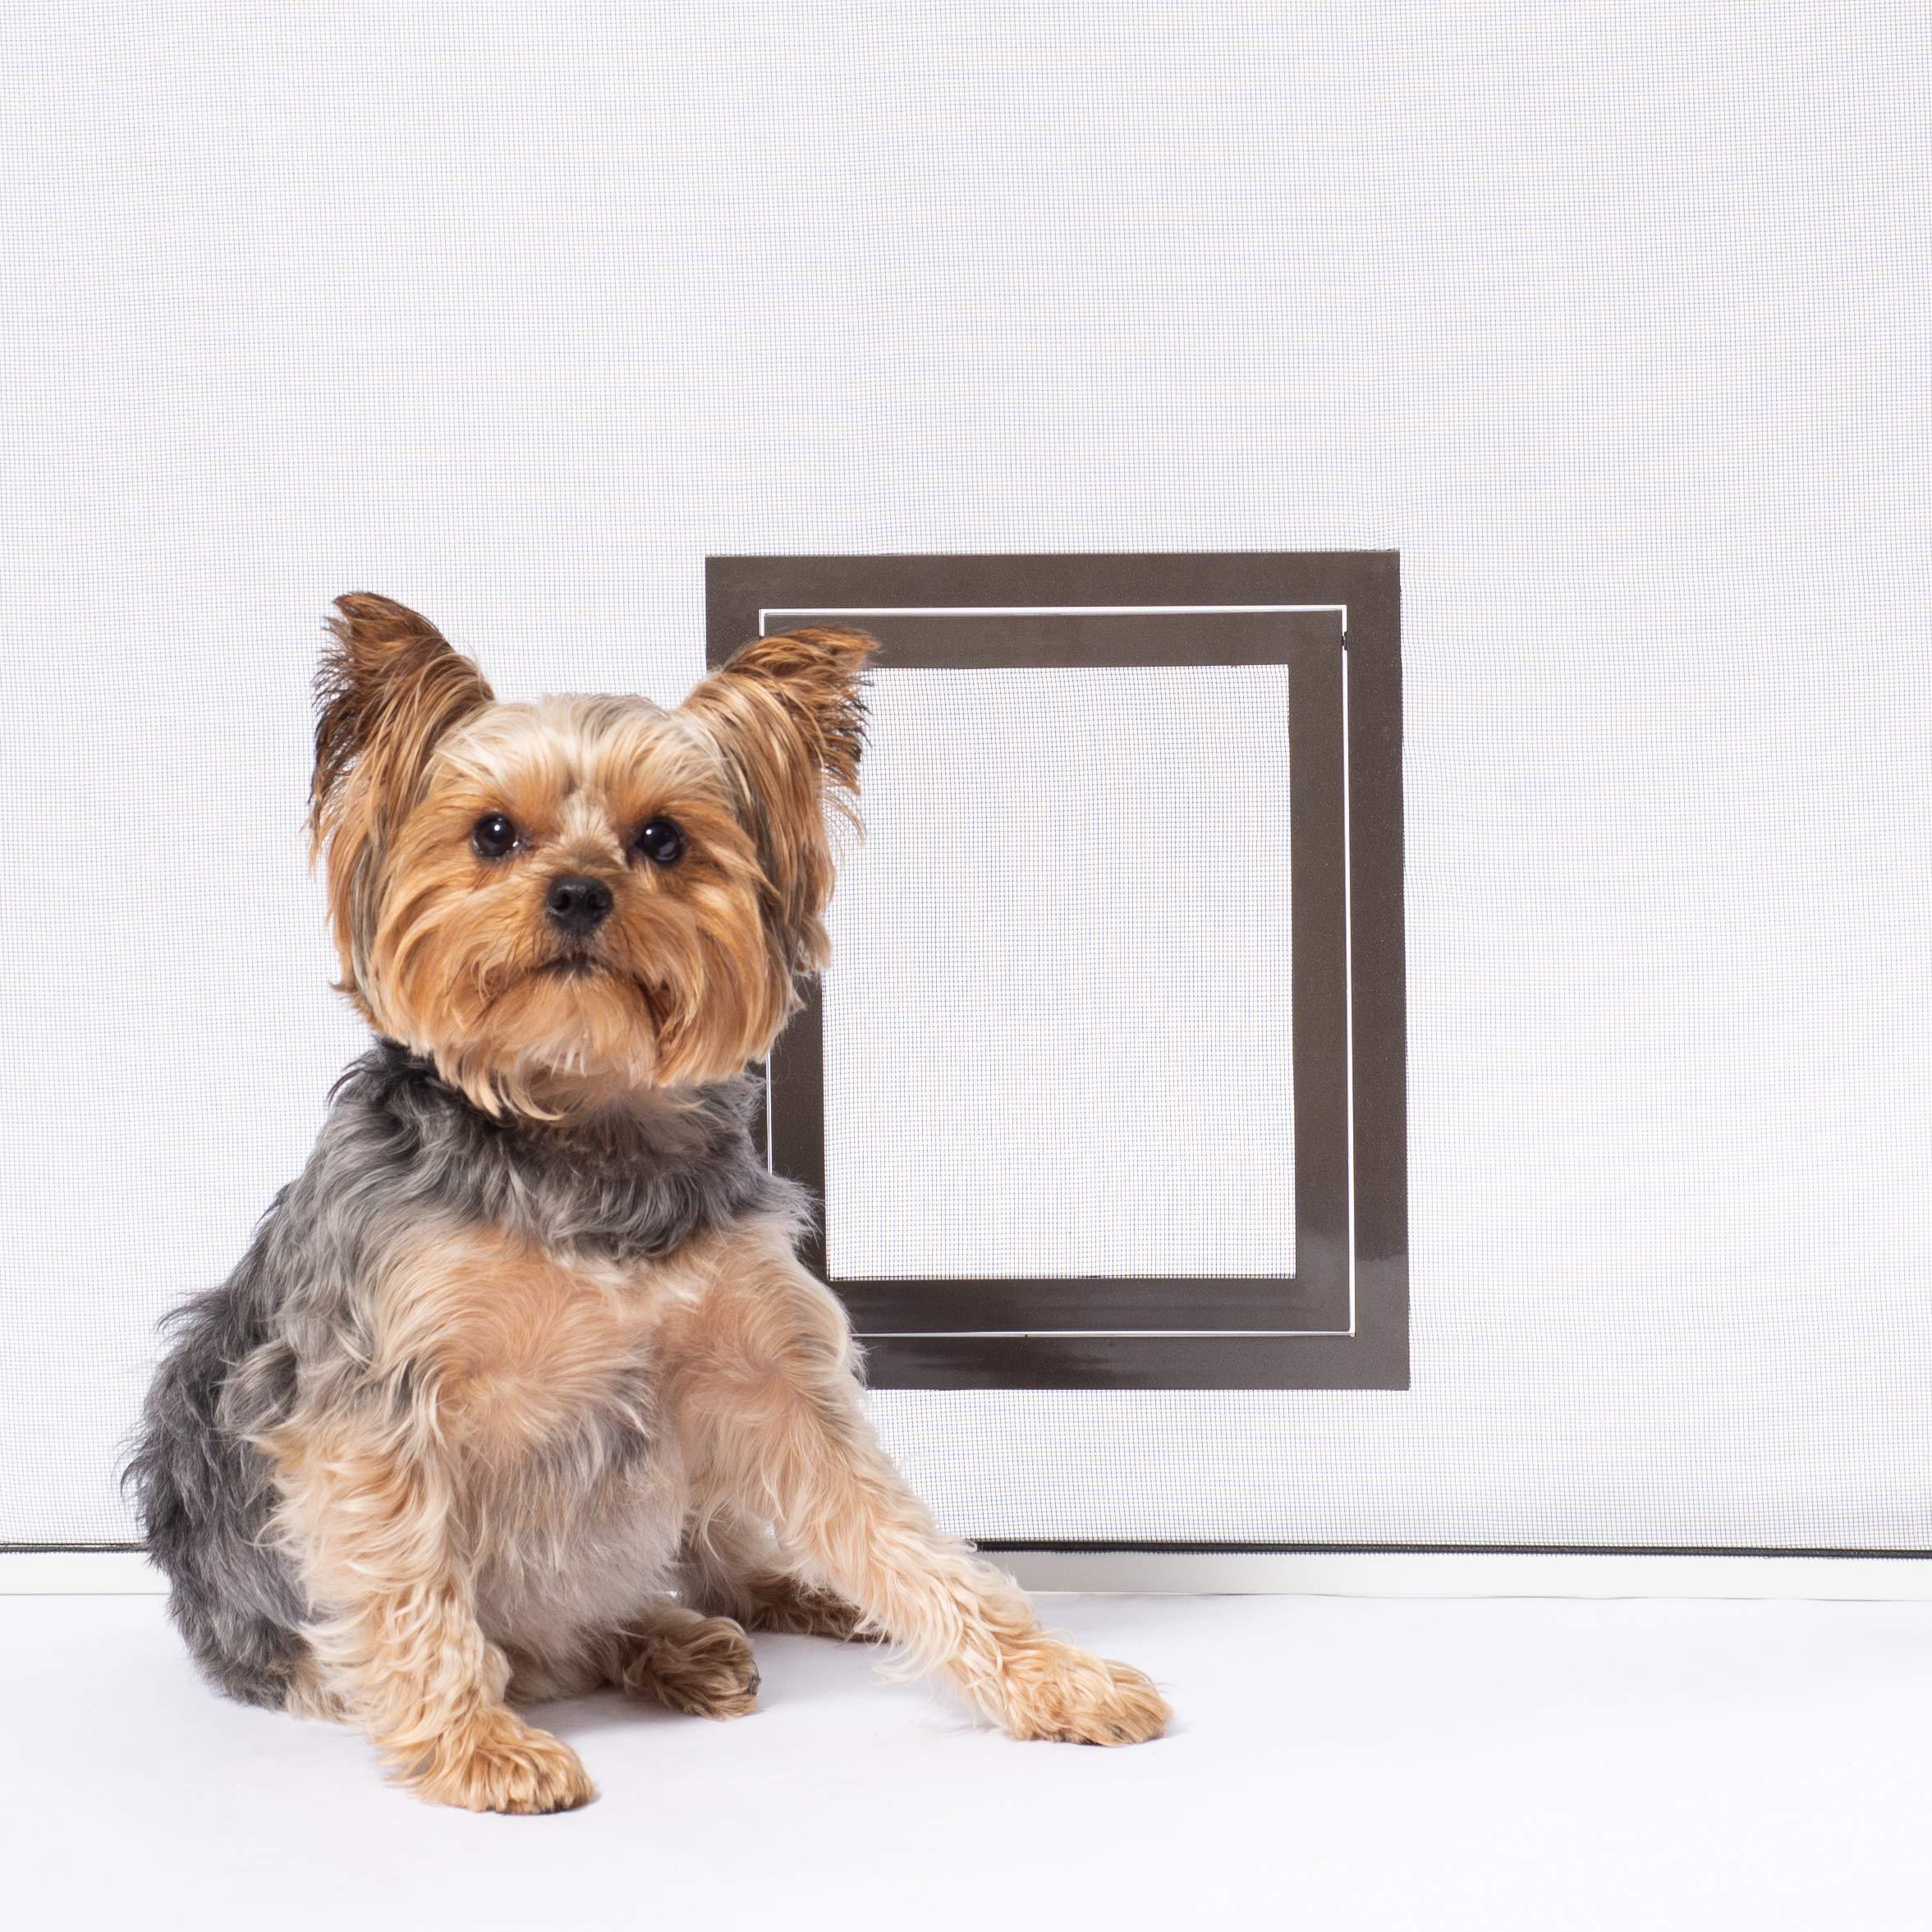 PetSafe Pet Screen Door - Small Dog and Cat Door for Screen Door, Window and Porch Use by PetSafe